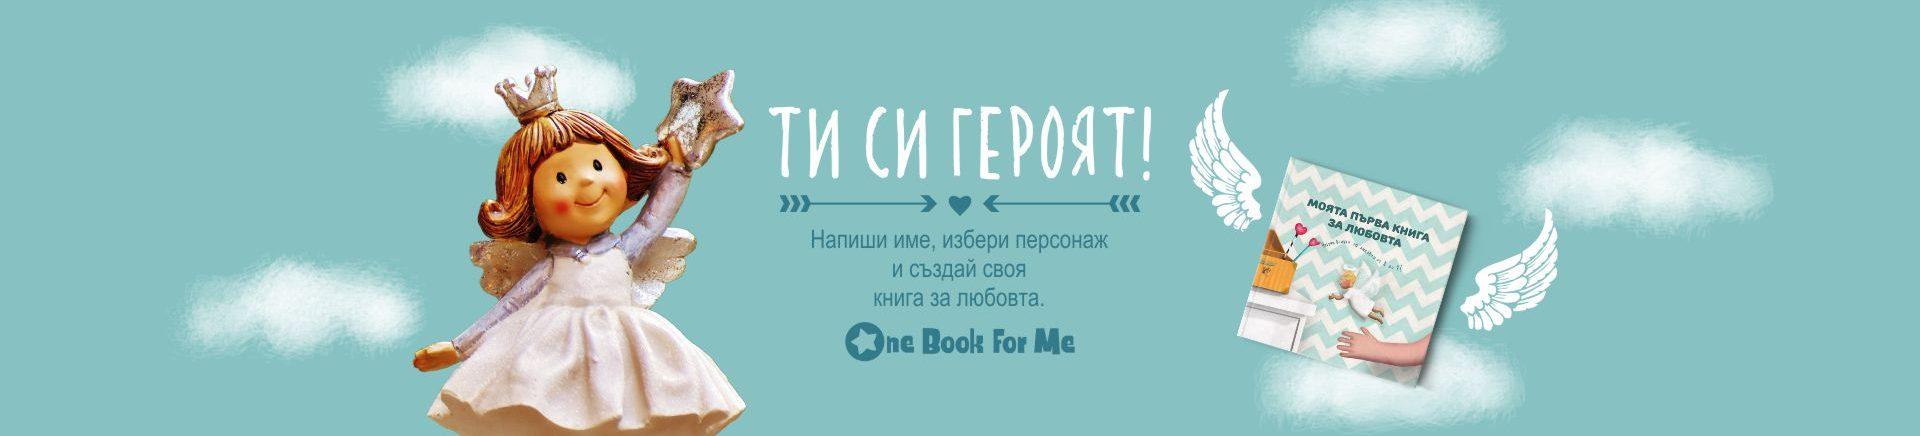 Персонализирана книга